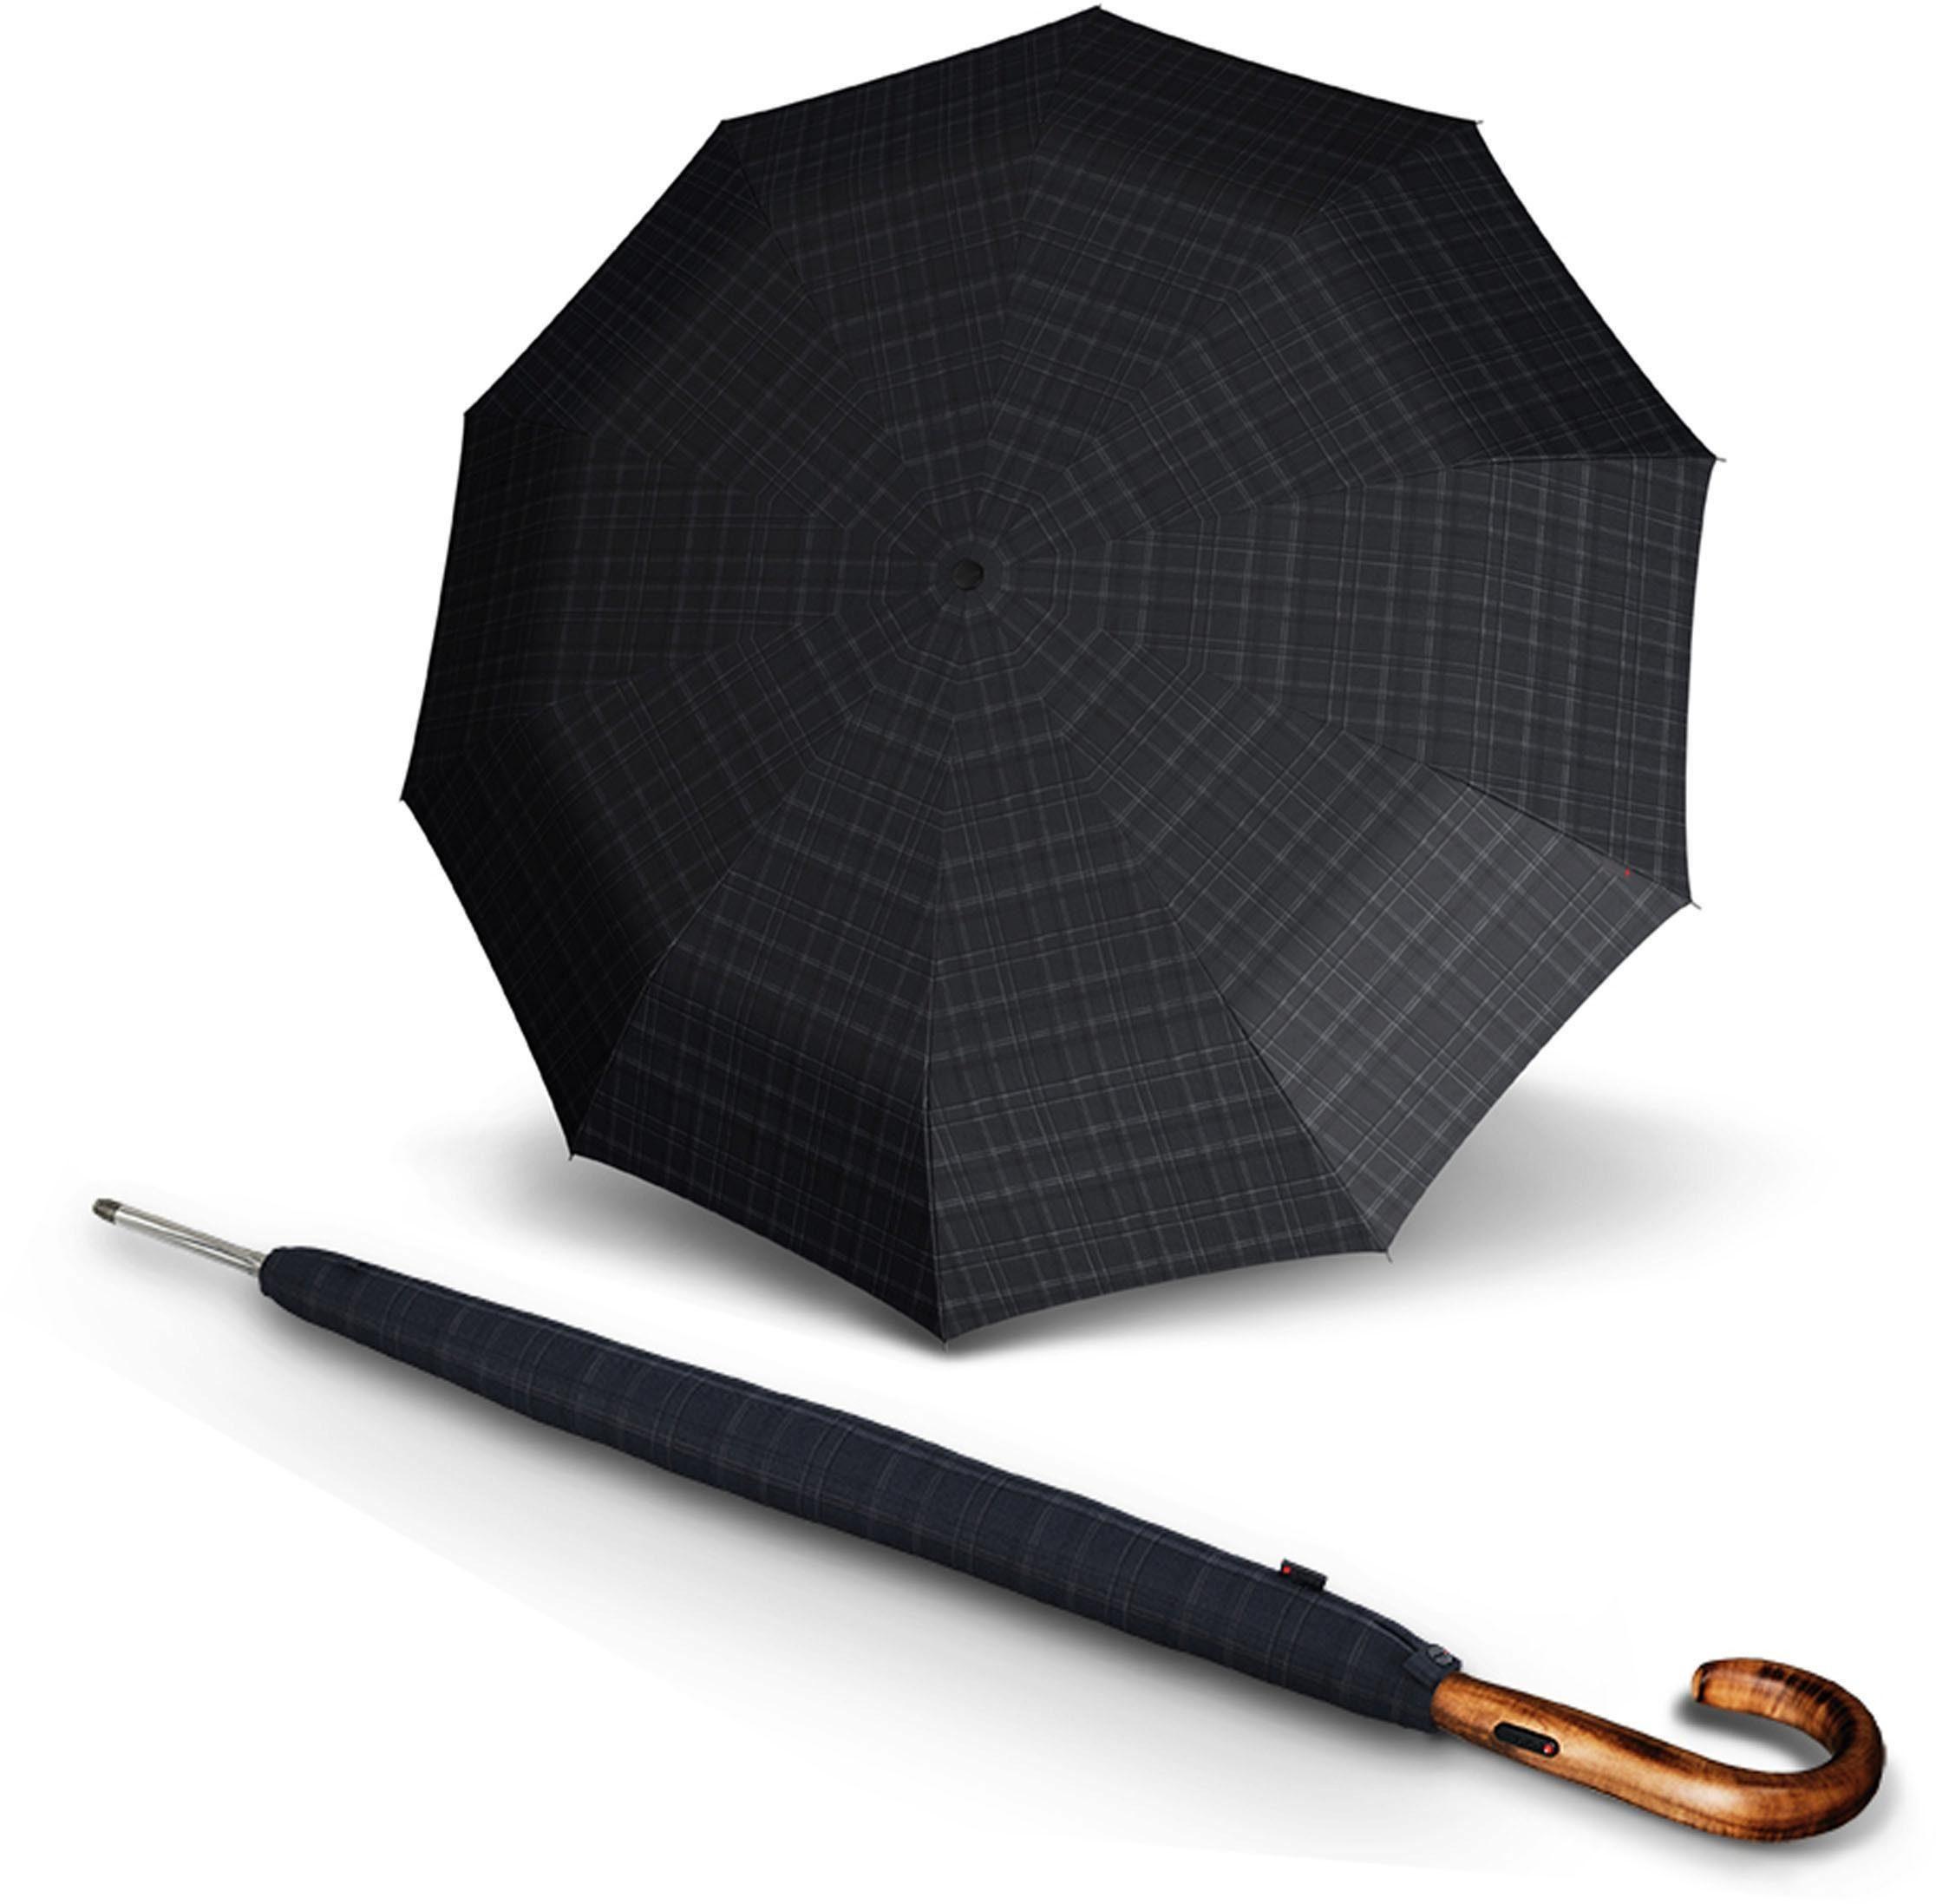 Knirps® Regenschirm - Langschirm, »T.703 Stick Automatic men's prints grey«